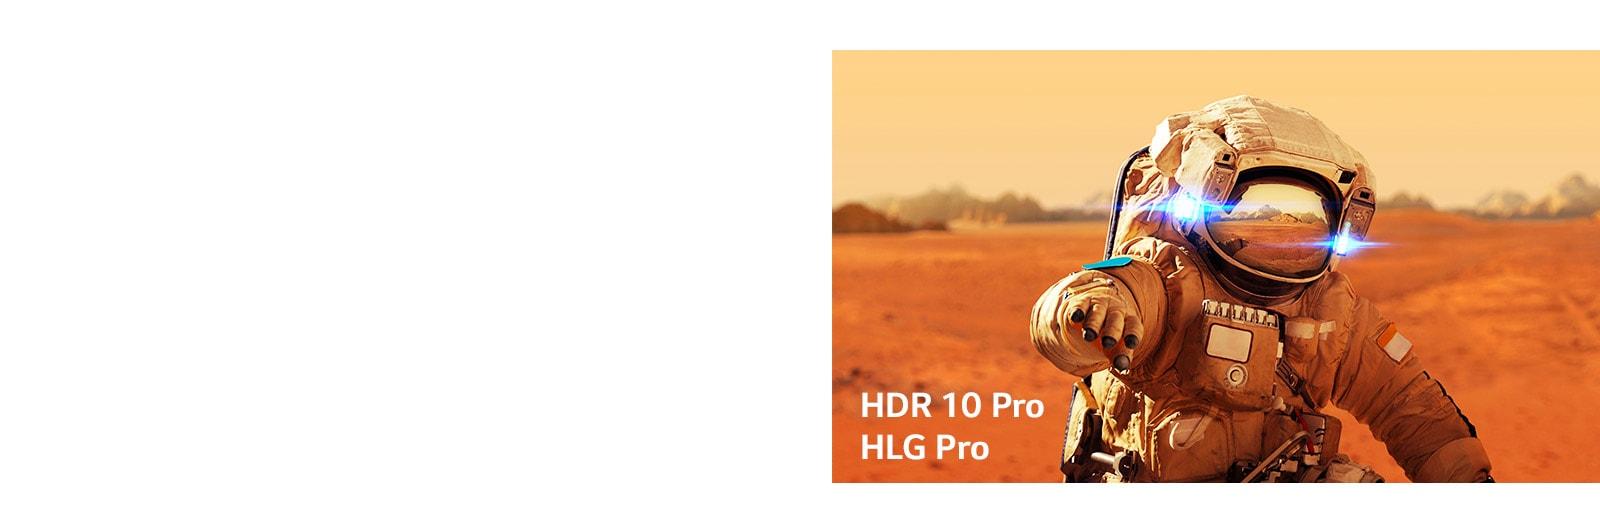 Marvel Iron Man, tarjetas de título con los logotipos HLG pro y HDR 10 Pro